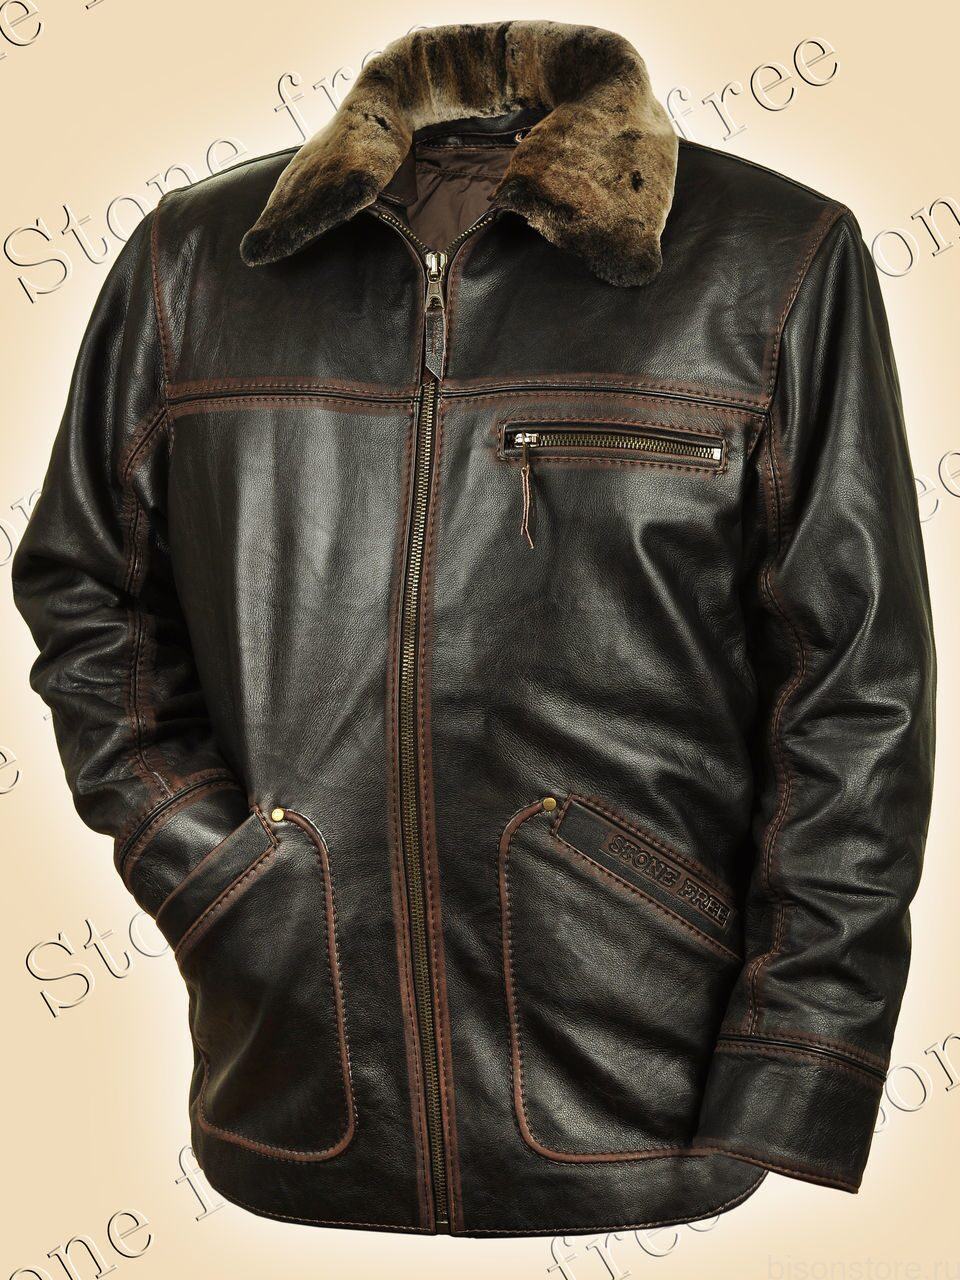 купить кожаную куртку мужскую большого размера в москве распродажа